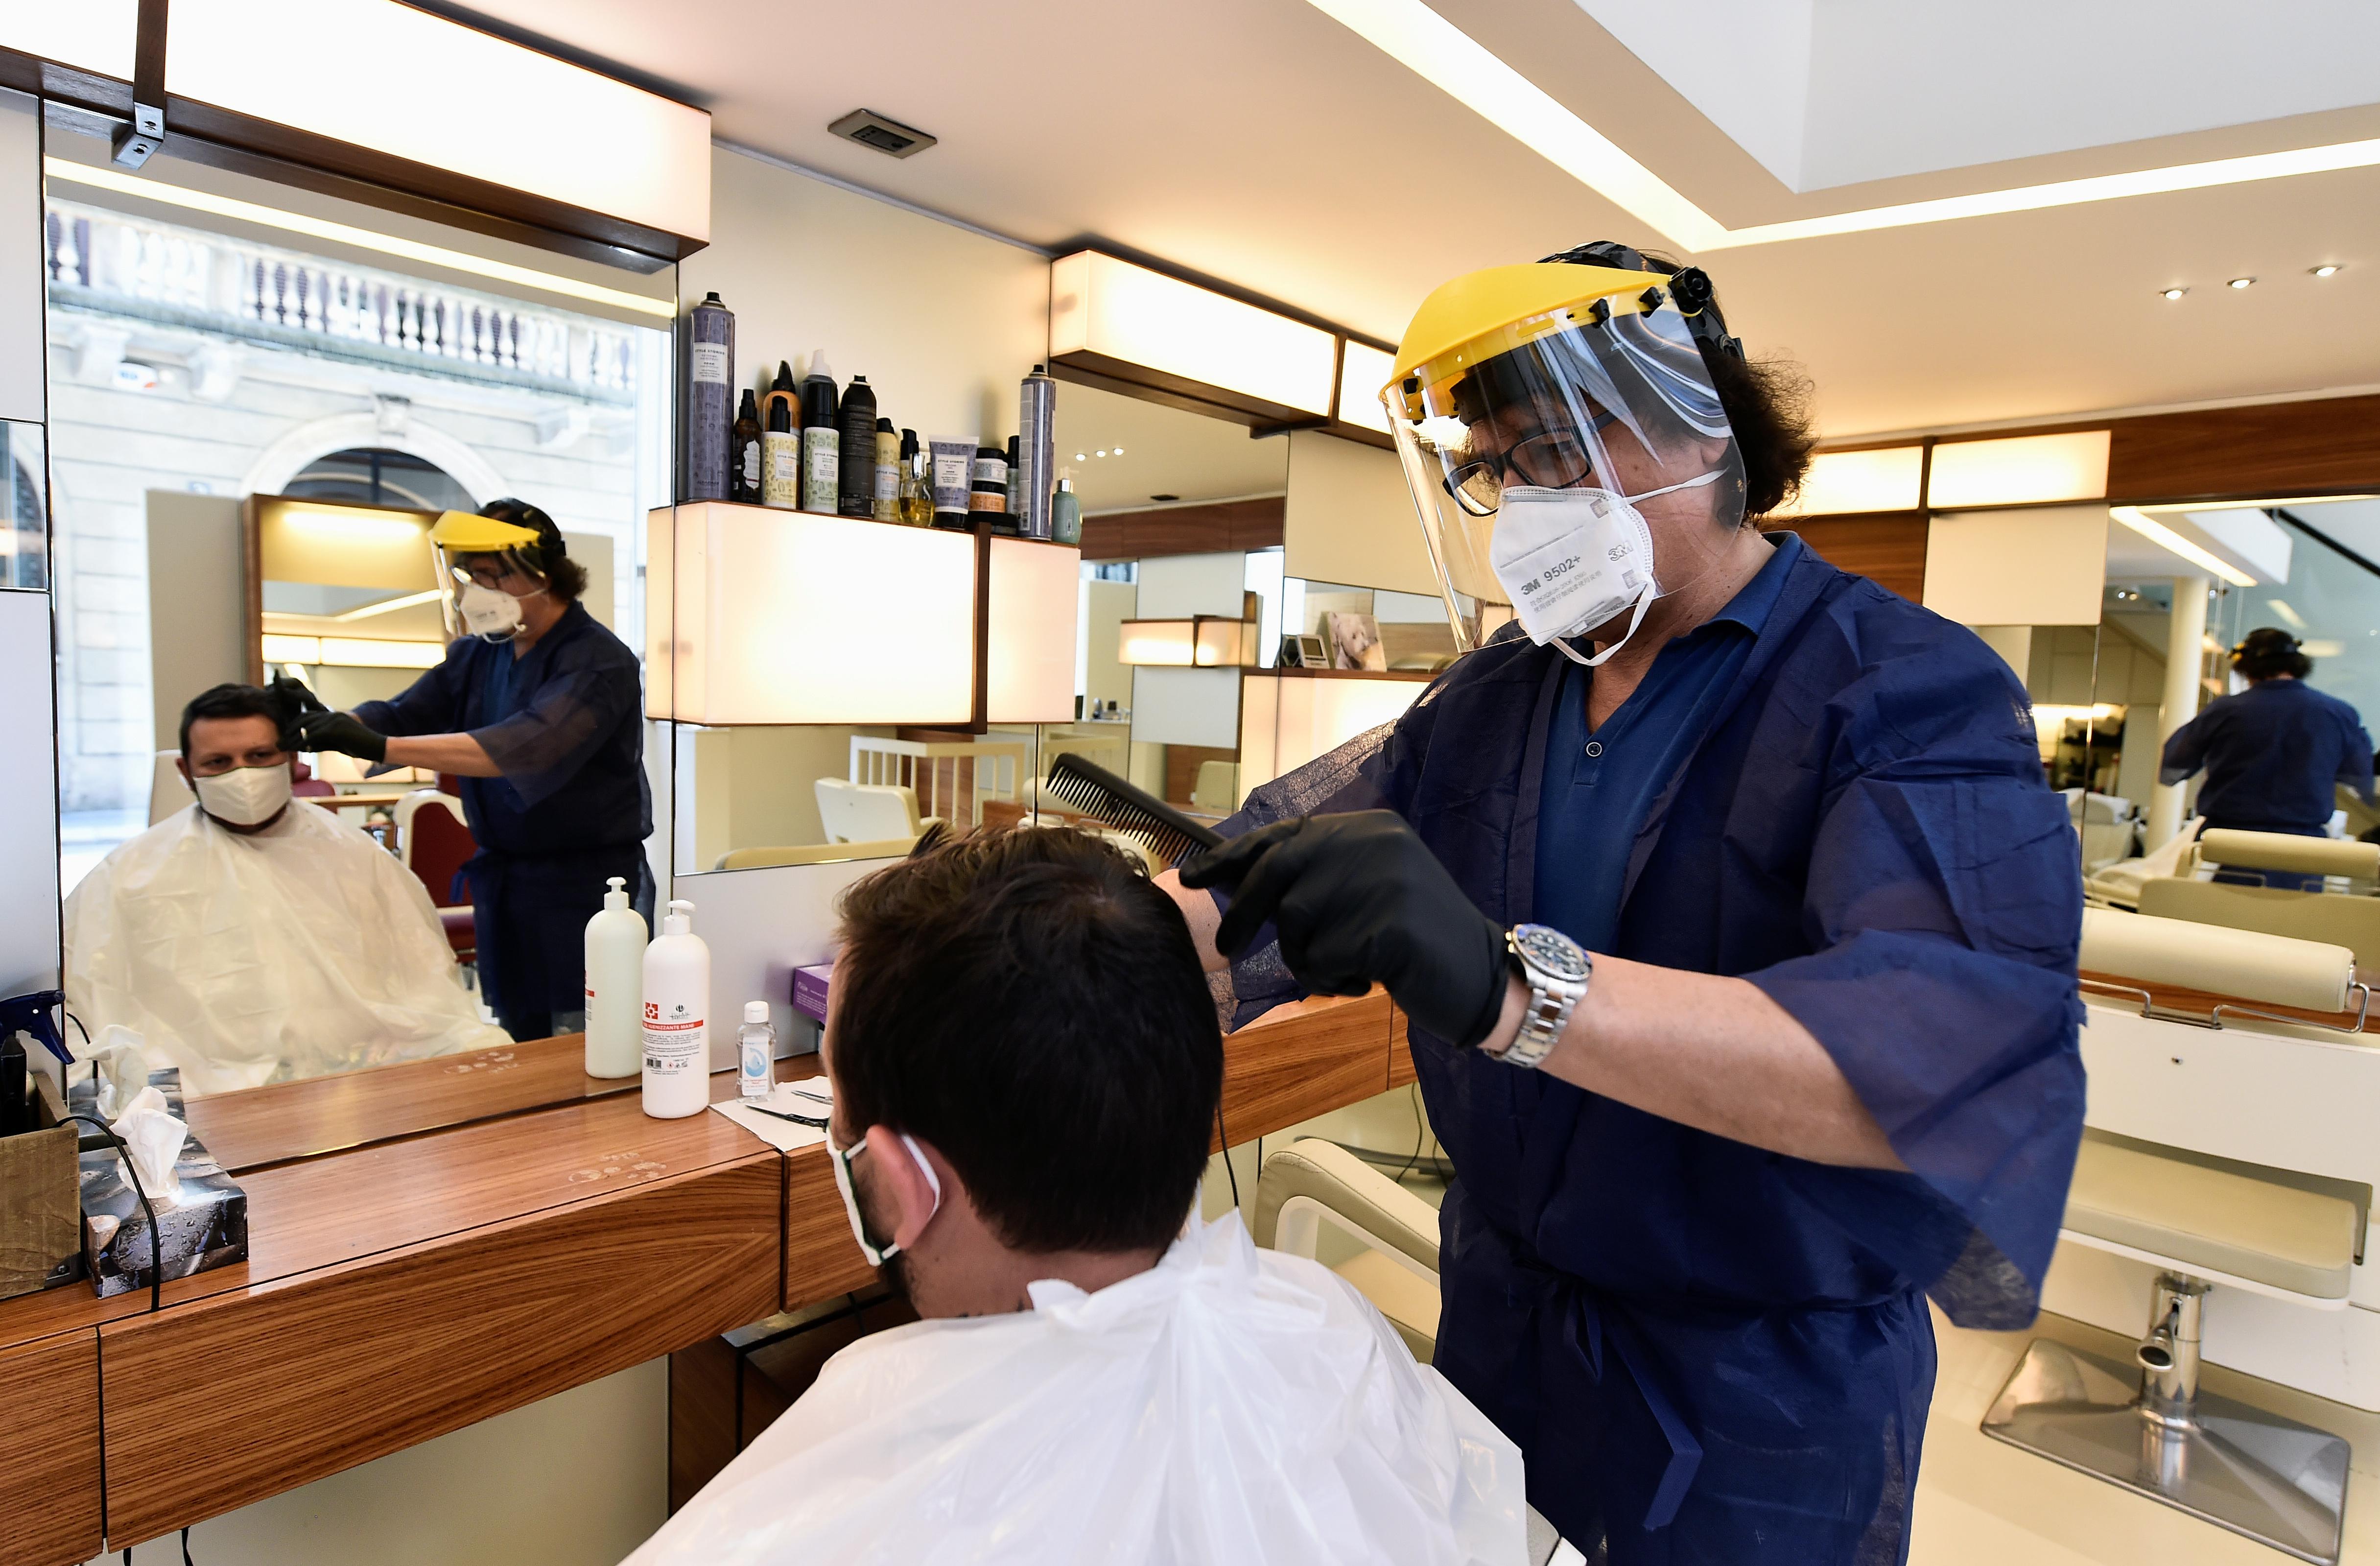 Un empleado corta el cabello de un cliente en Milán (Reuters/ Flavio Lo Scalzo)